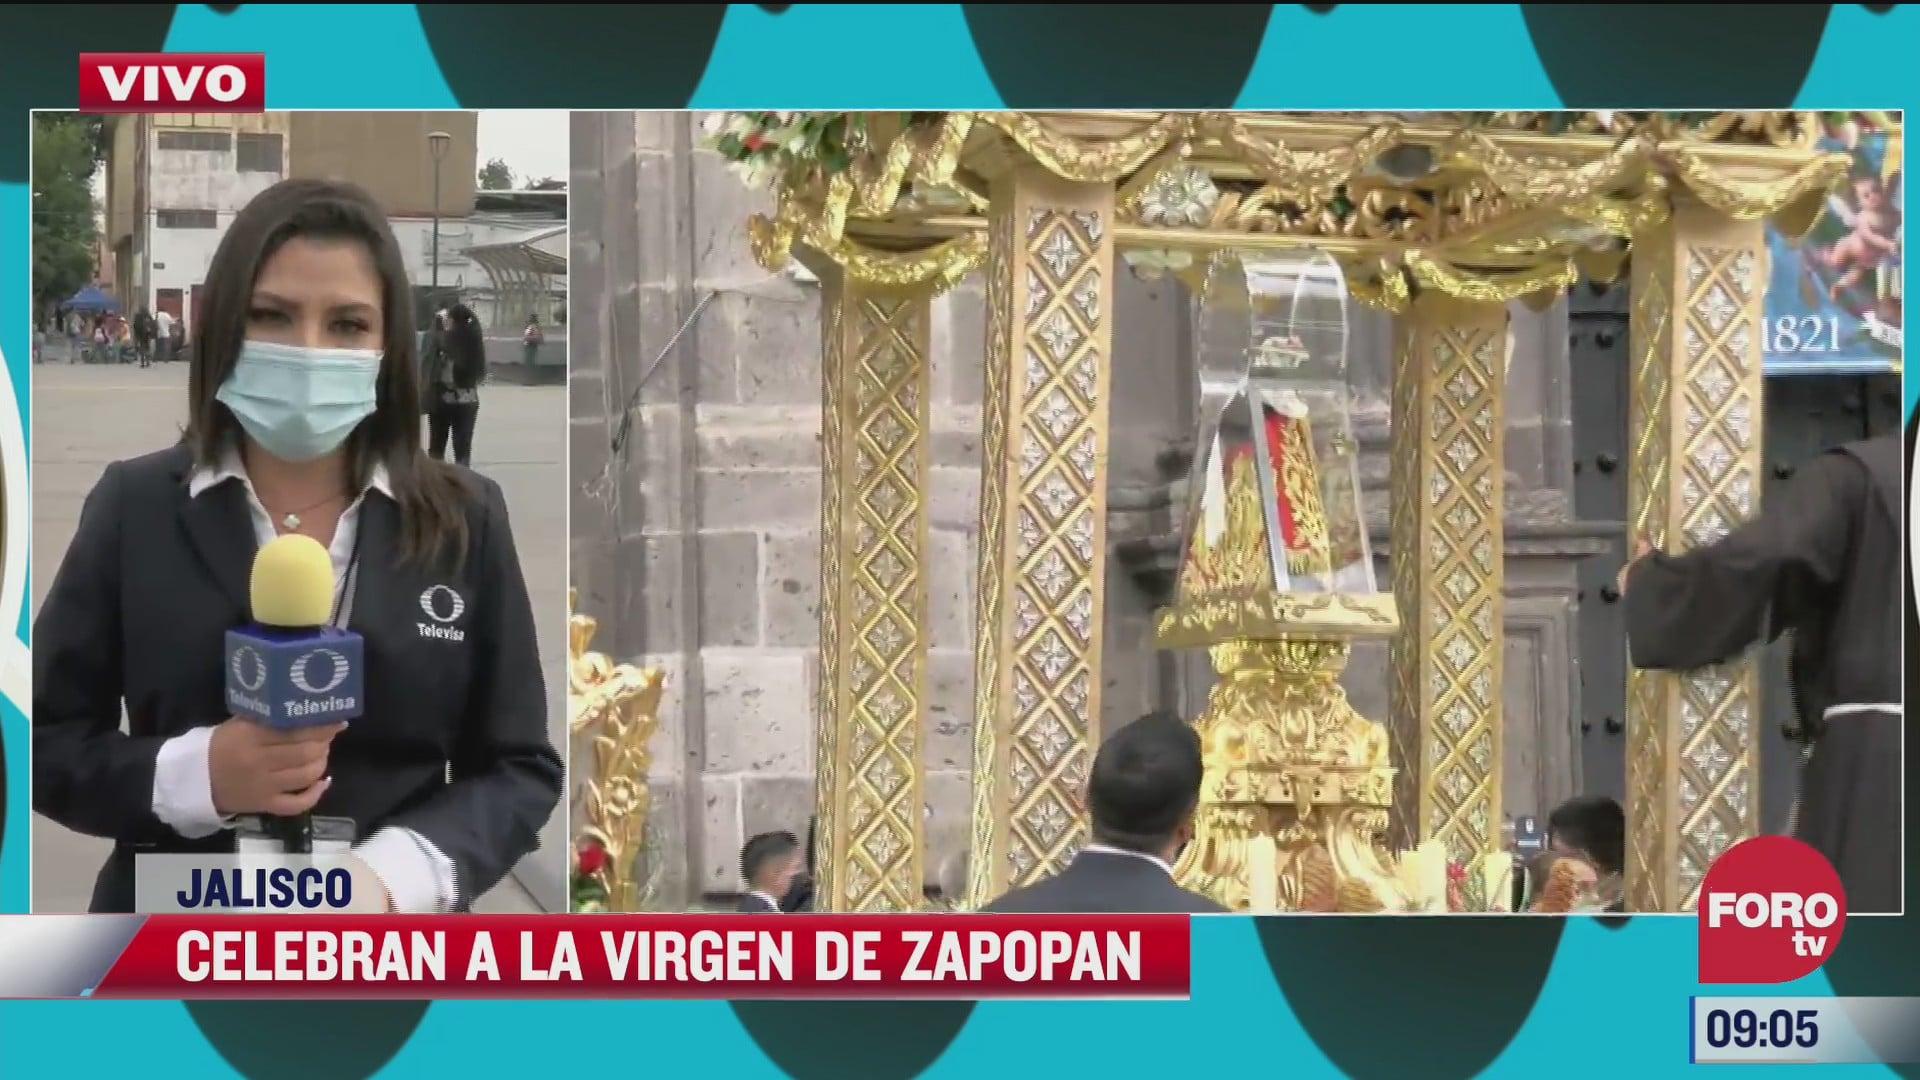 realizan romeria para celebrar a la virgen de zapopan en jalisco